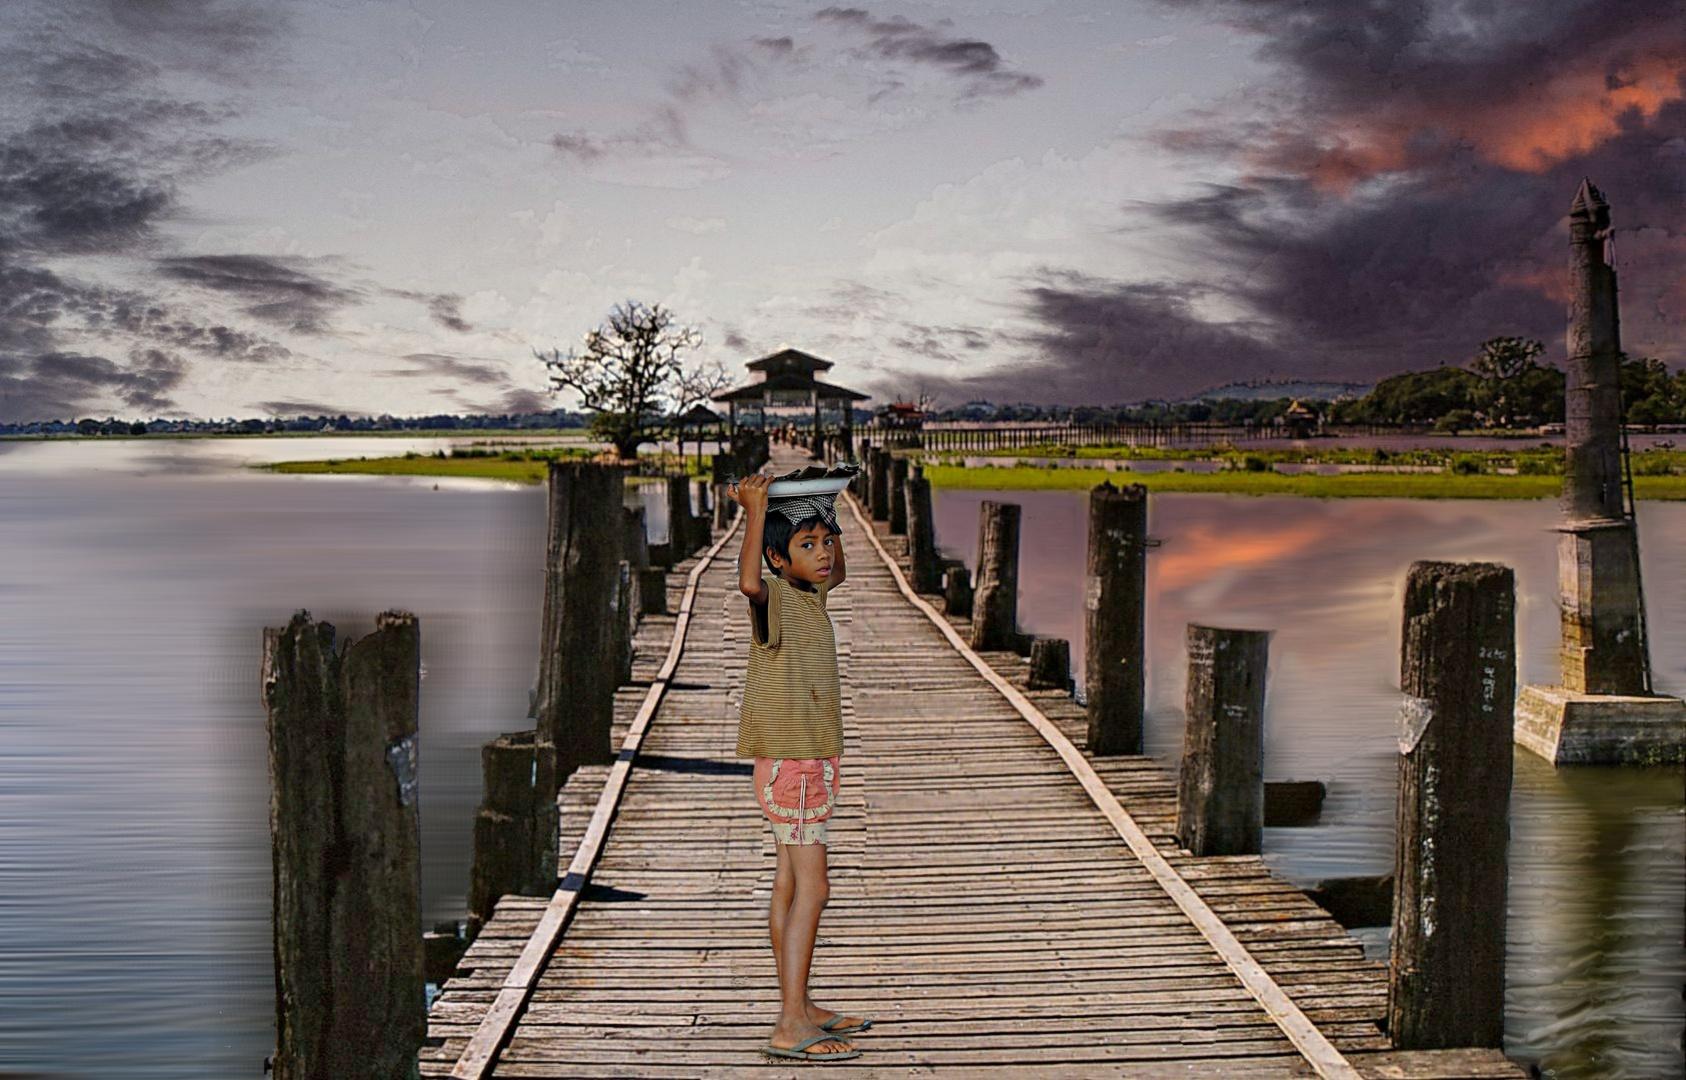 rencontre sur le pont U Bein